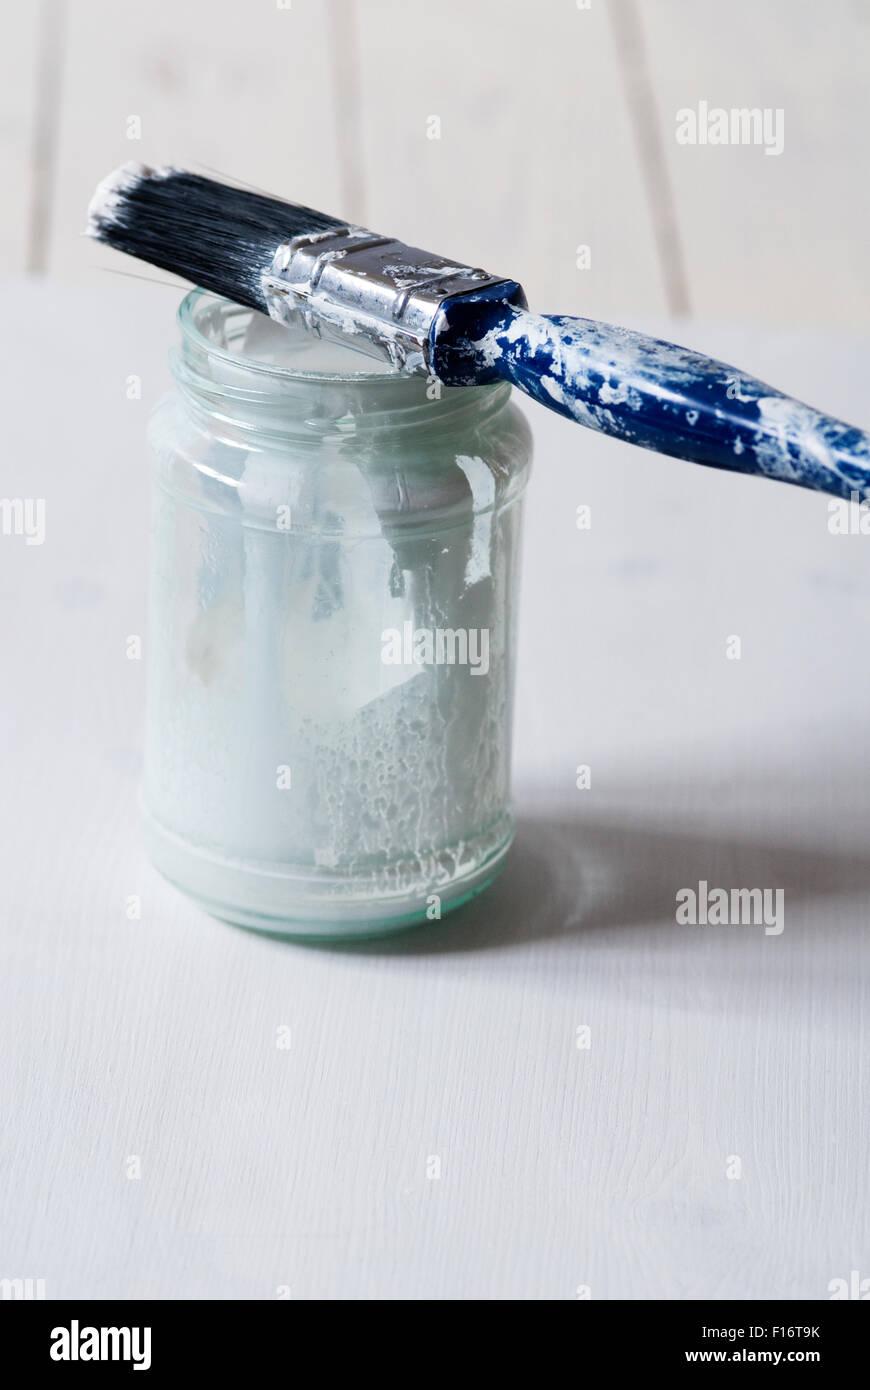 Los bodegones de objetos en tonos de azul y blanco Imagen De Stock